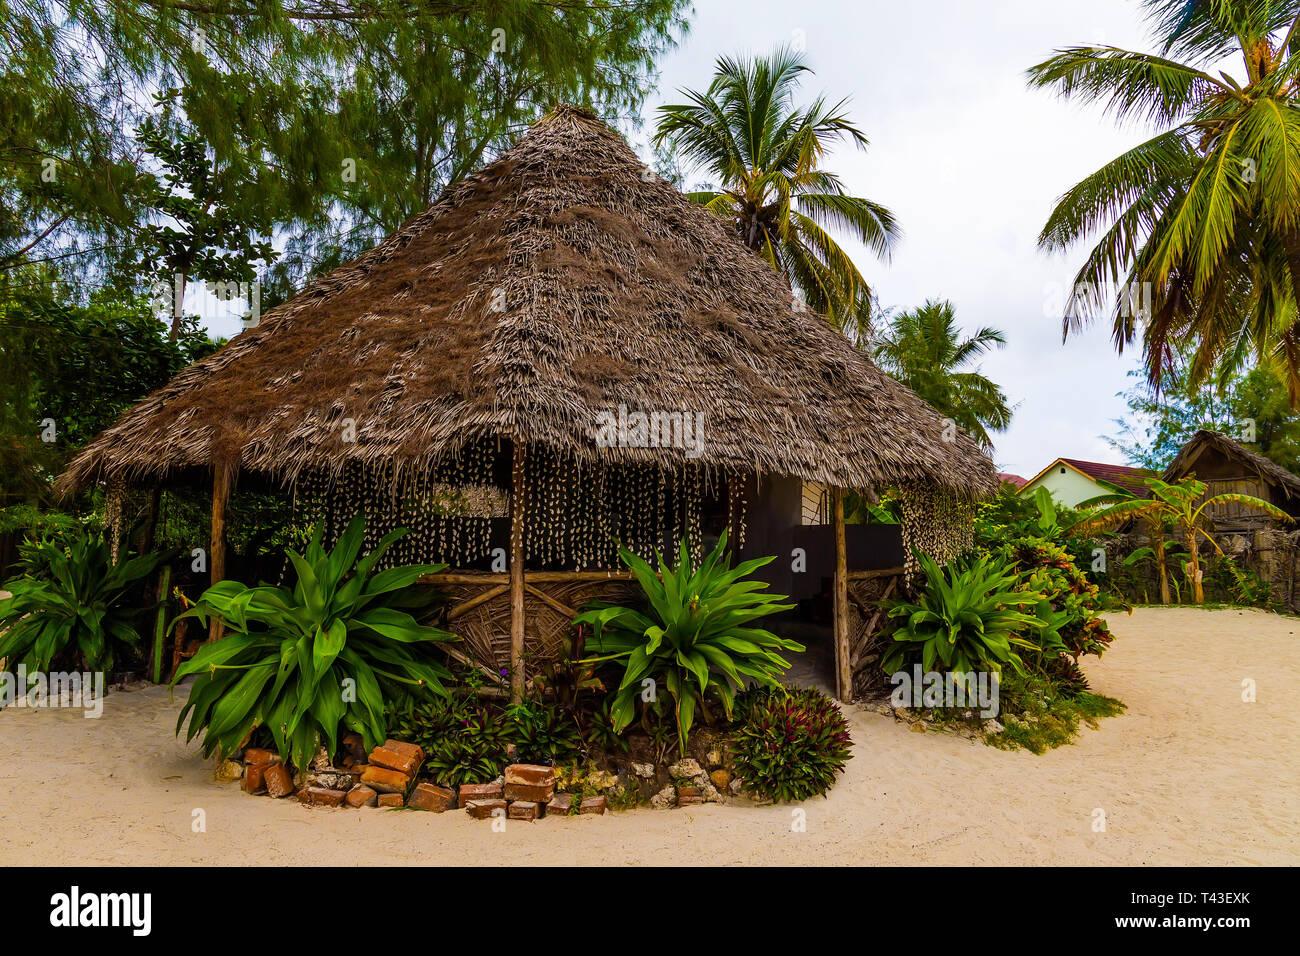 Arbor de paja en la playa de la arena blanca y palmeras verdes alrededor. Foto de stock